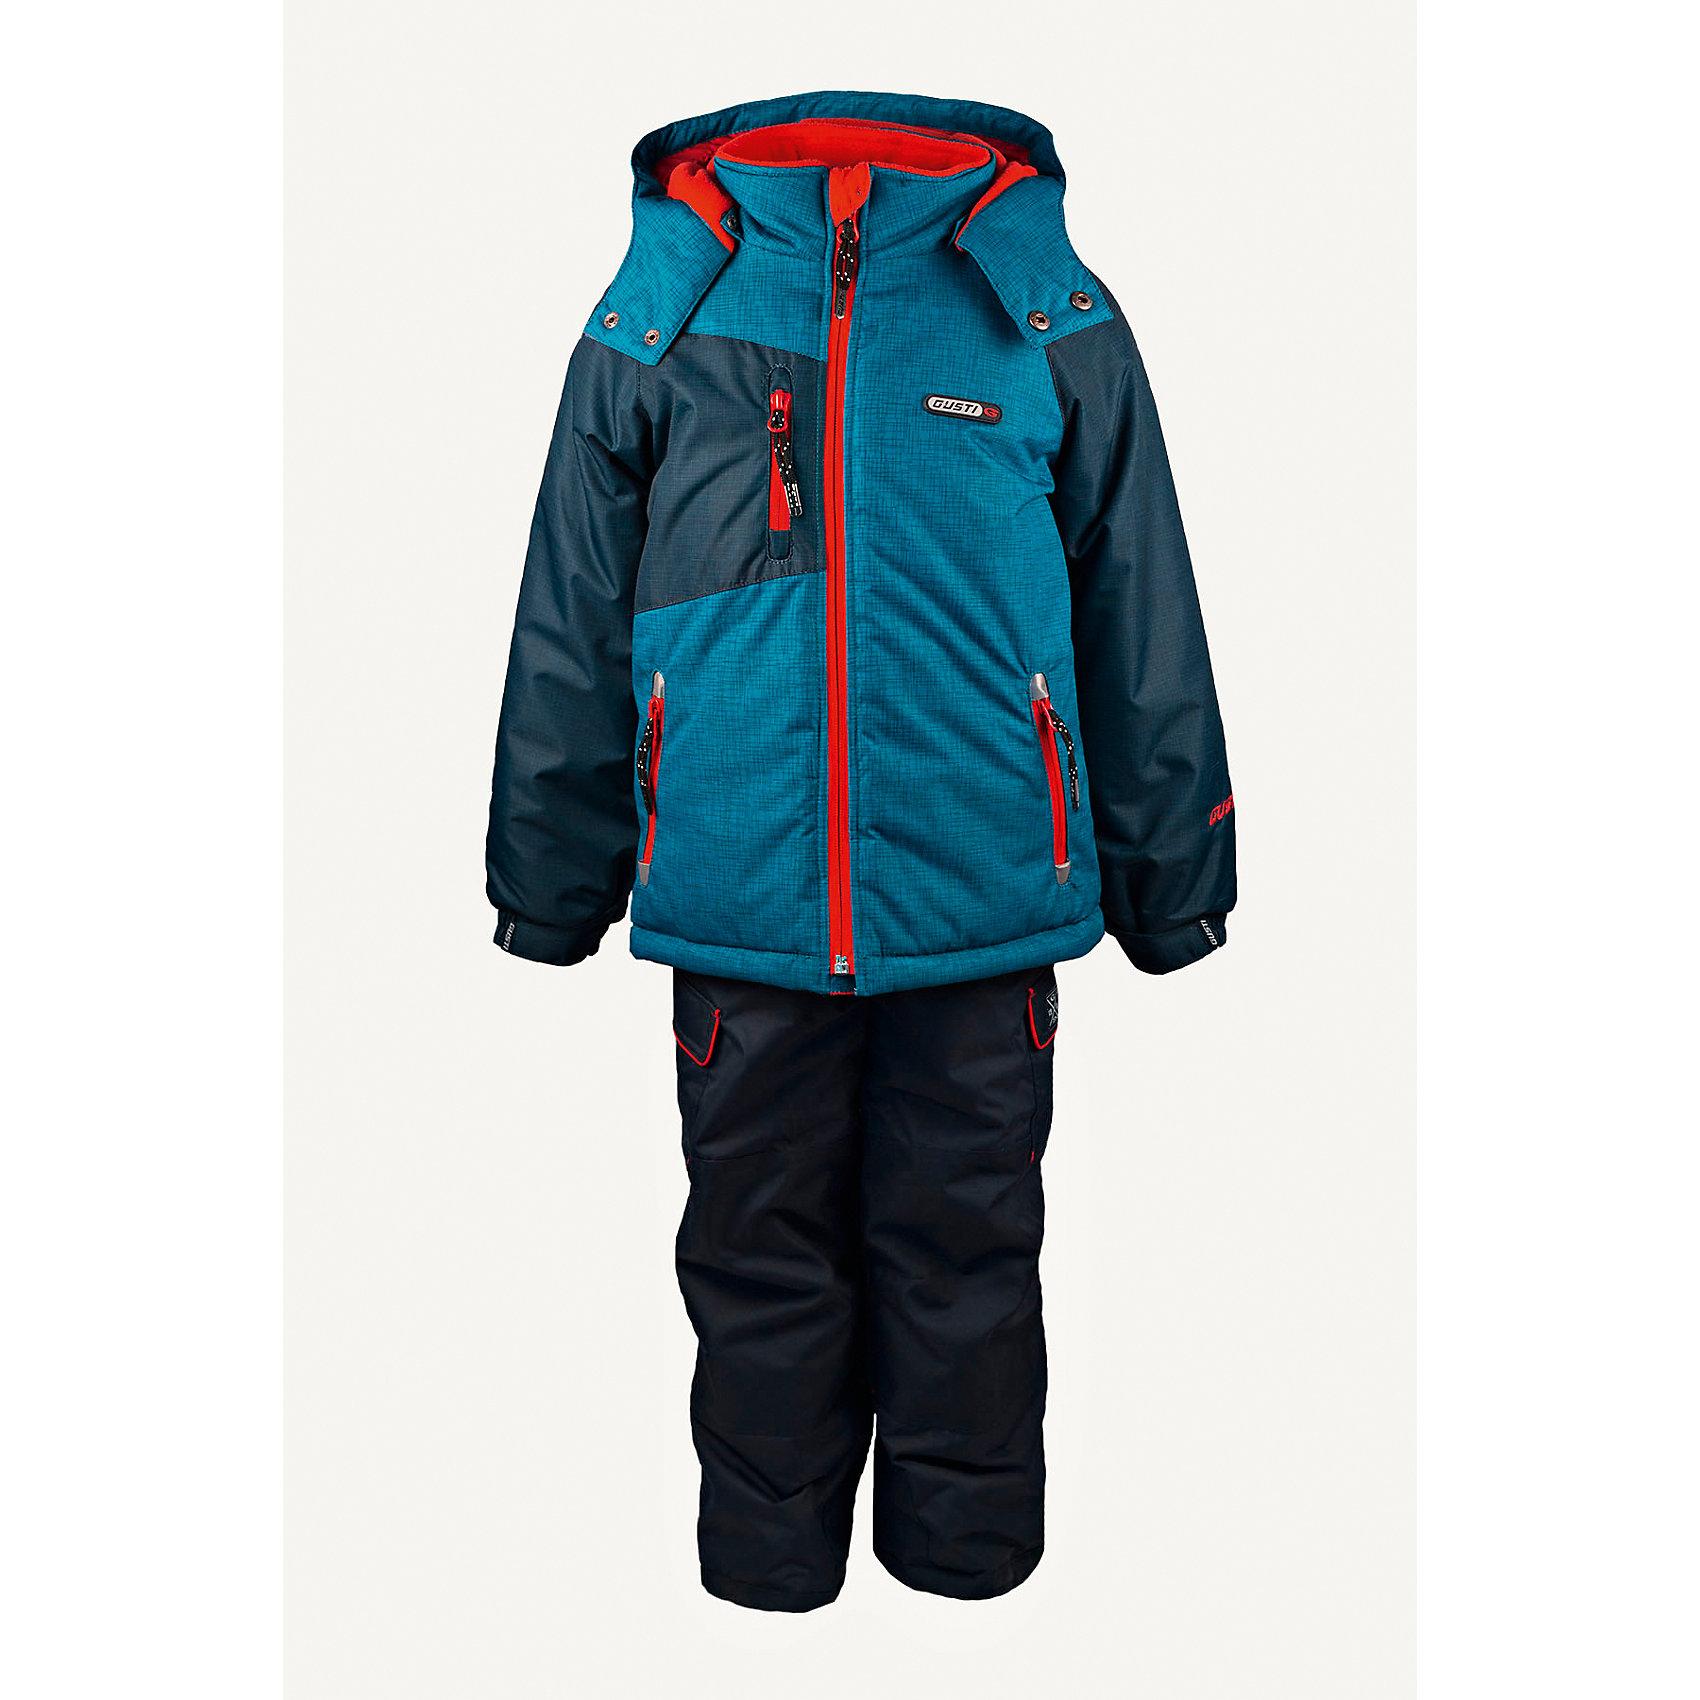 Комплект: куртка и полукомбинезон GUSTIКомплект: куртка и полукомбинезон GUSTI (ГУСТИ) – это идеальный вариант для суровой зимы с сильными морозами.<br><br>Температурный режим: до -30  градусов. Степень утепления – высокая. <br><br>* Температурный режим указан приблизительно — необходимо, прежде всего, ориентироваться на ощущения ребенка. Температурный режим работает в случае соблюдения правила многослойности – использования флисовой поддевы и термобелья.<br><br>Комплект от GUSTI (ГУСТИ) состоит из куртки и полукомбинезона прямого кроя, выполненных из плотного непромокаемого материала с защитной от влаги мембраной 5000 мм. Тань хорошо сохраняет тепло, отталкивает влагу и позволяет коже ребенка дышать. Утеплитель из тек-полифилла и флисовая внутренняя отделка на груди и на спинке дают возможность использовать комплект при очень низких температурах. Куртка застегивается на молнию, имеет три внутренних кармана на застежках-молниях, снегозащитную юбку, трикотажные манжеты в рукавах, отстёгивающийся прилегающий капюшон с флисовой подкладкой. Низ рукавов регулируется с помощью липучек. Полукомбинезон застегивается на молнию, имеет два накладных кармана с клапанами на липучках, регулируемые лямки, снегозащитные гетры. Длина брючин регулируется (отворот с креплением на липе). Сзади, на коленях, и по низу брючин имеется дополнительный слой ткани Cordura Oxford (сверхстойкий полиэстер). До размера 6х (120 см.) у полукомбинезона высокая грудка, в размерах 7 (122 см.) - 14 (164см) отстегивающаяся спинка, грудки нет. Модель подходит для прогулок на морозе до -30 градусов.<br><br>Дополнительная информация:<br><br>- Сезон: зима<br>- Пол: мальчик<br>- Цвет: голубой, синий<br>- Узор: однотонный<br>- Температурный режим до -30 градусов<br>- Материал верха: куртка - shuss 5000мм (100% полиэстер); брюки - taslan 5000мм, накладки Cordura Oxford сзади, на коленях, и по низу брючин<br>- Наполнитель: куртка - тек-полифилл плотностью 283 гр/м (10 унций) 100% полиэстер; брюки - тек-полифилл 